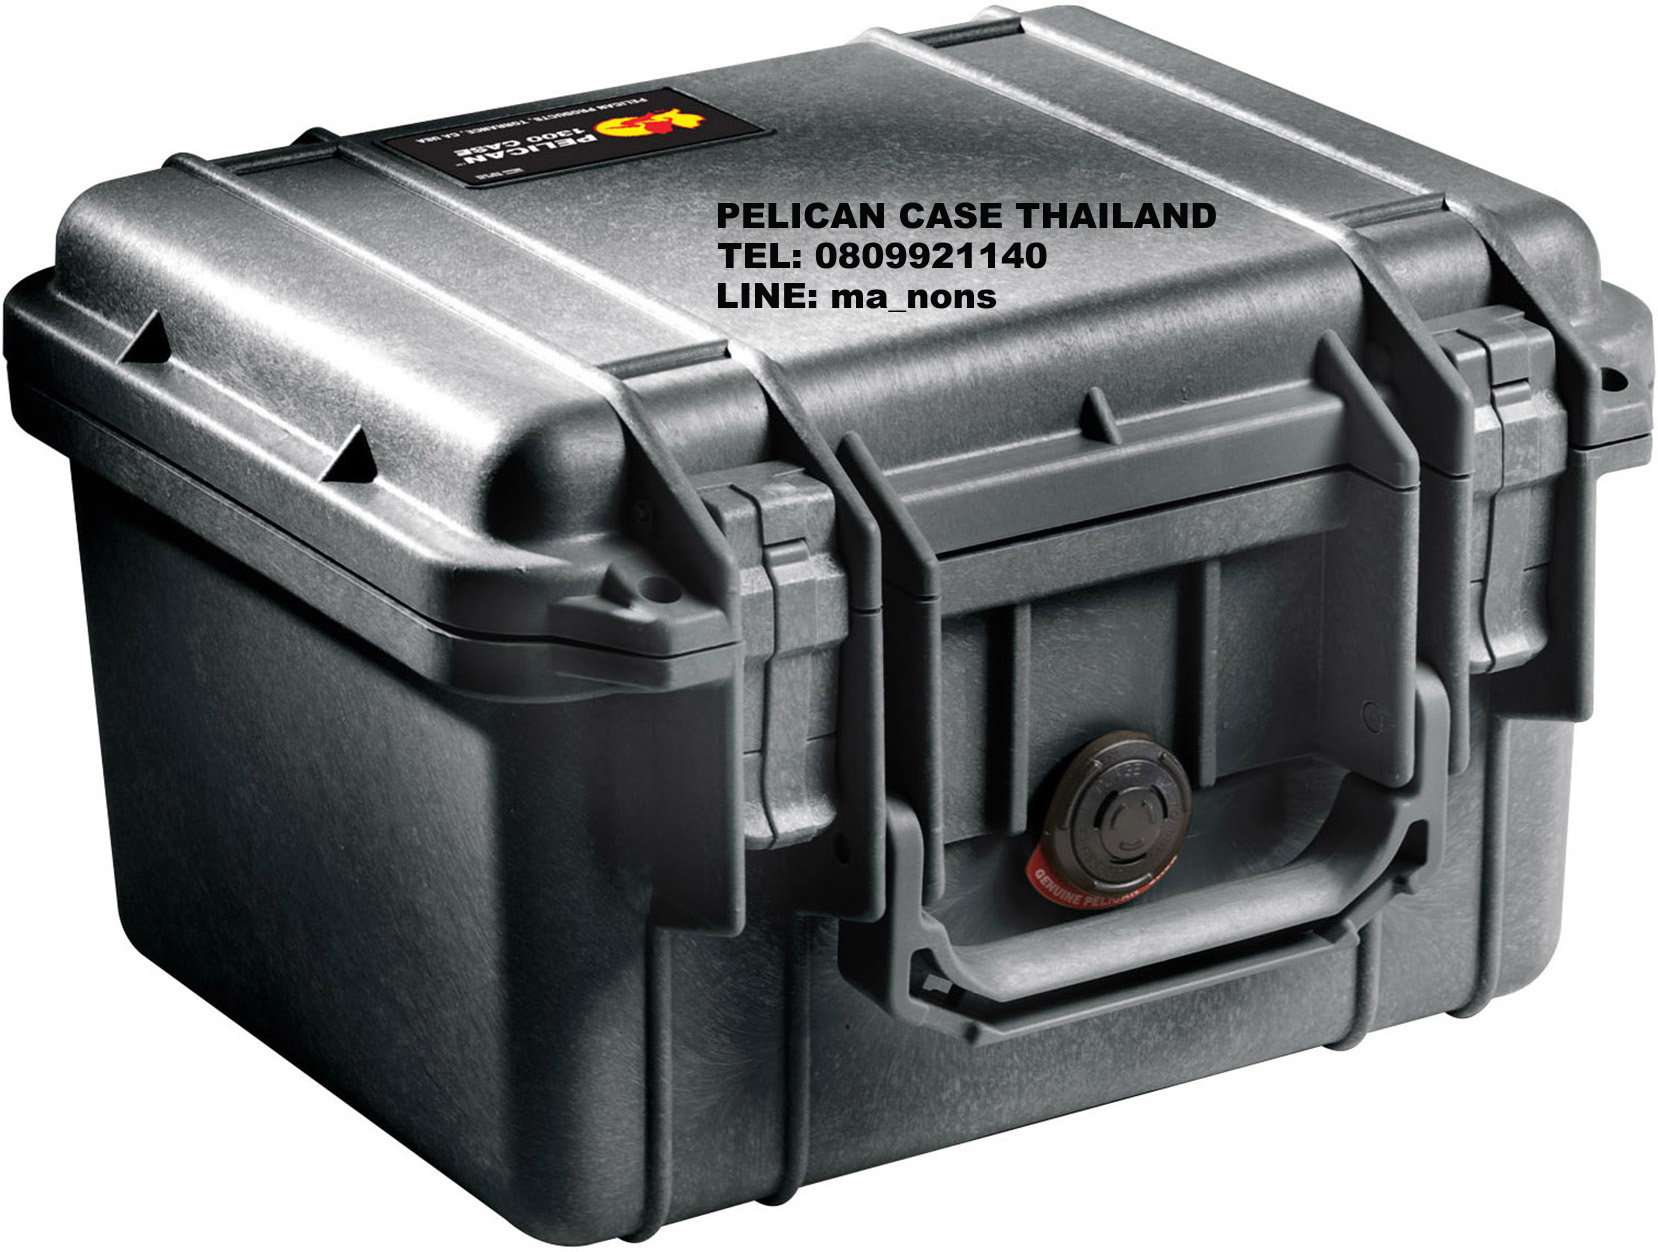 PELICAN™ 1300 CASE WITH FOAM